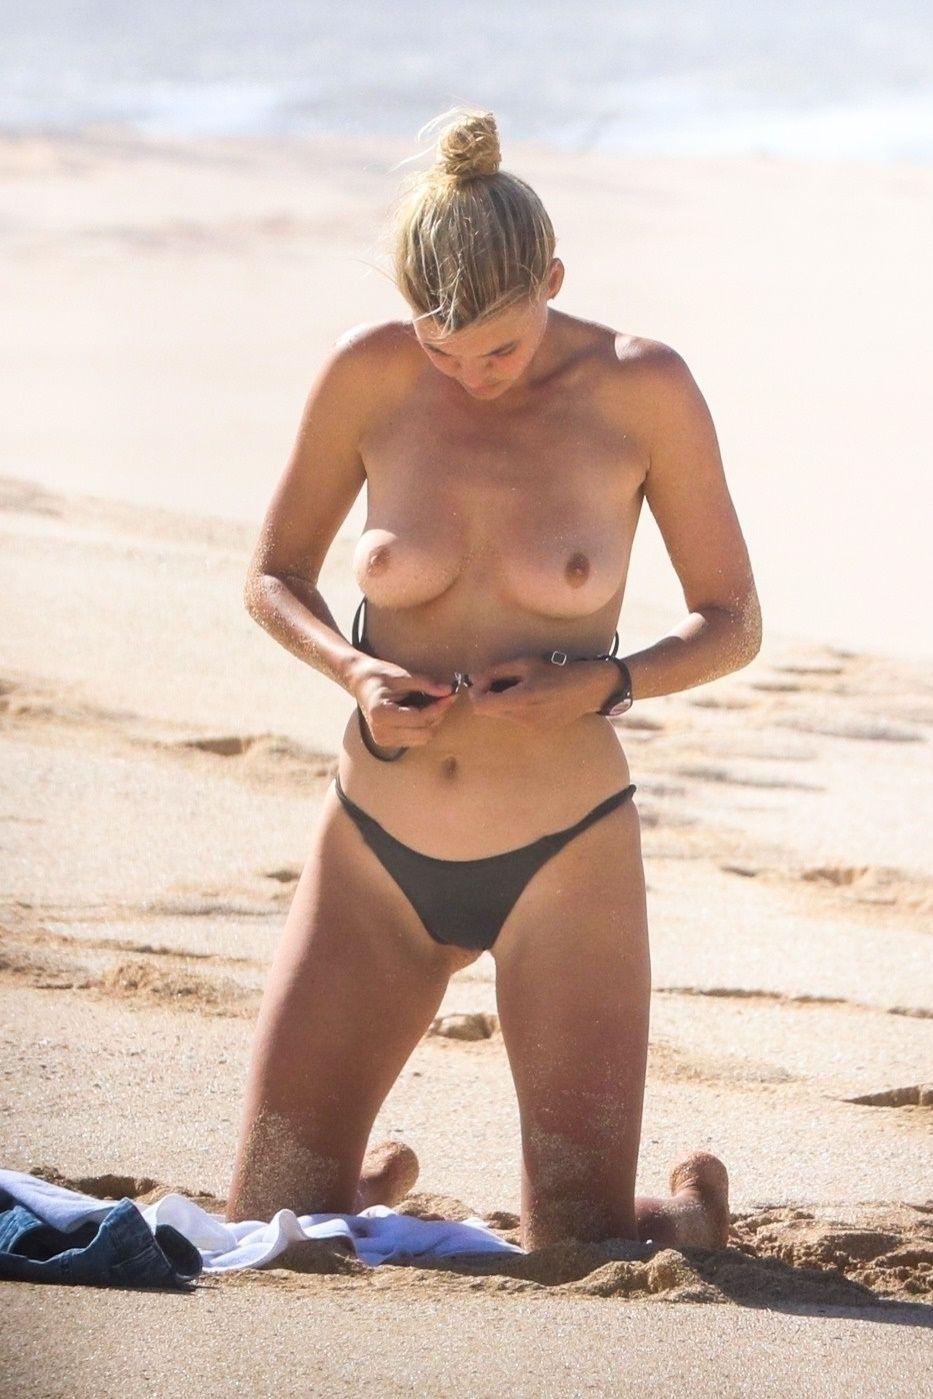 Kelly-Rohrbach-fucked-hard-PJTQ7I.jpg